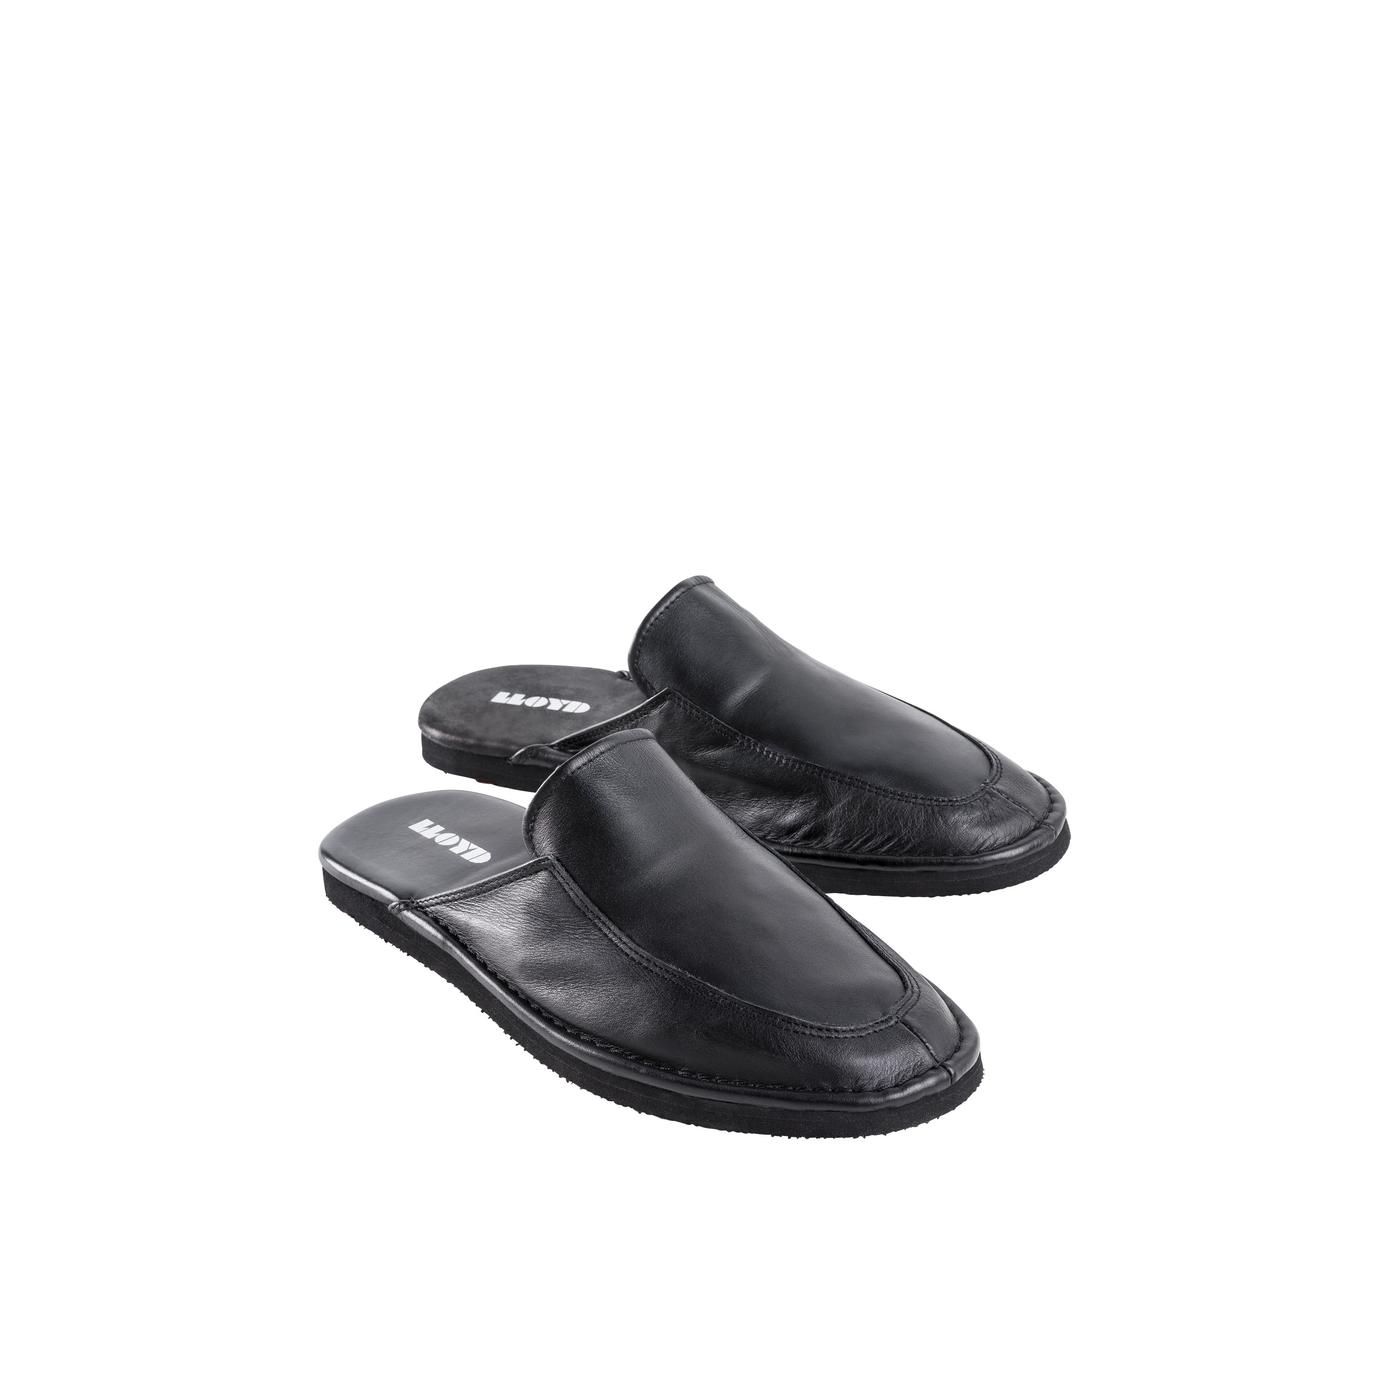 REISEPANTOFFELN | Schuhe > Hausschuhe > Pantoffeln | LLOYD